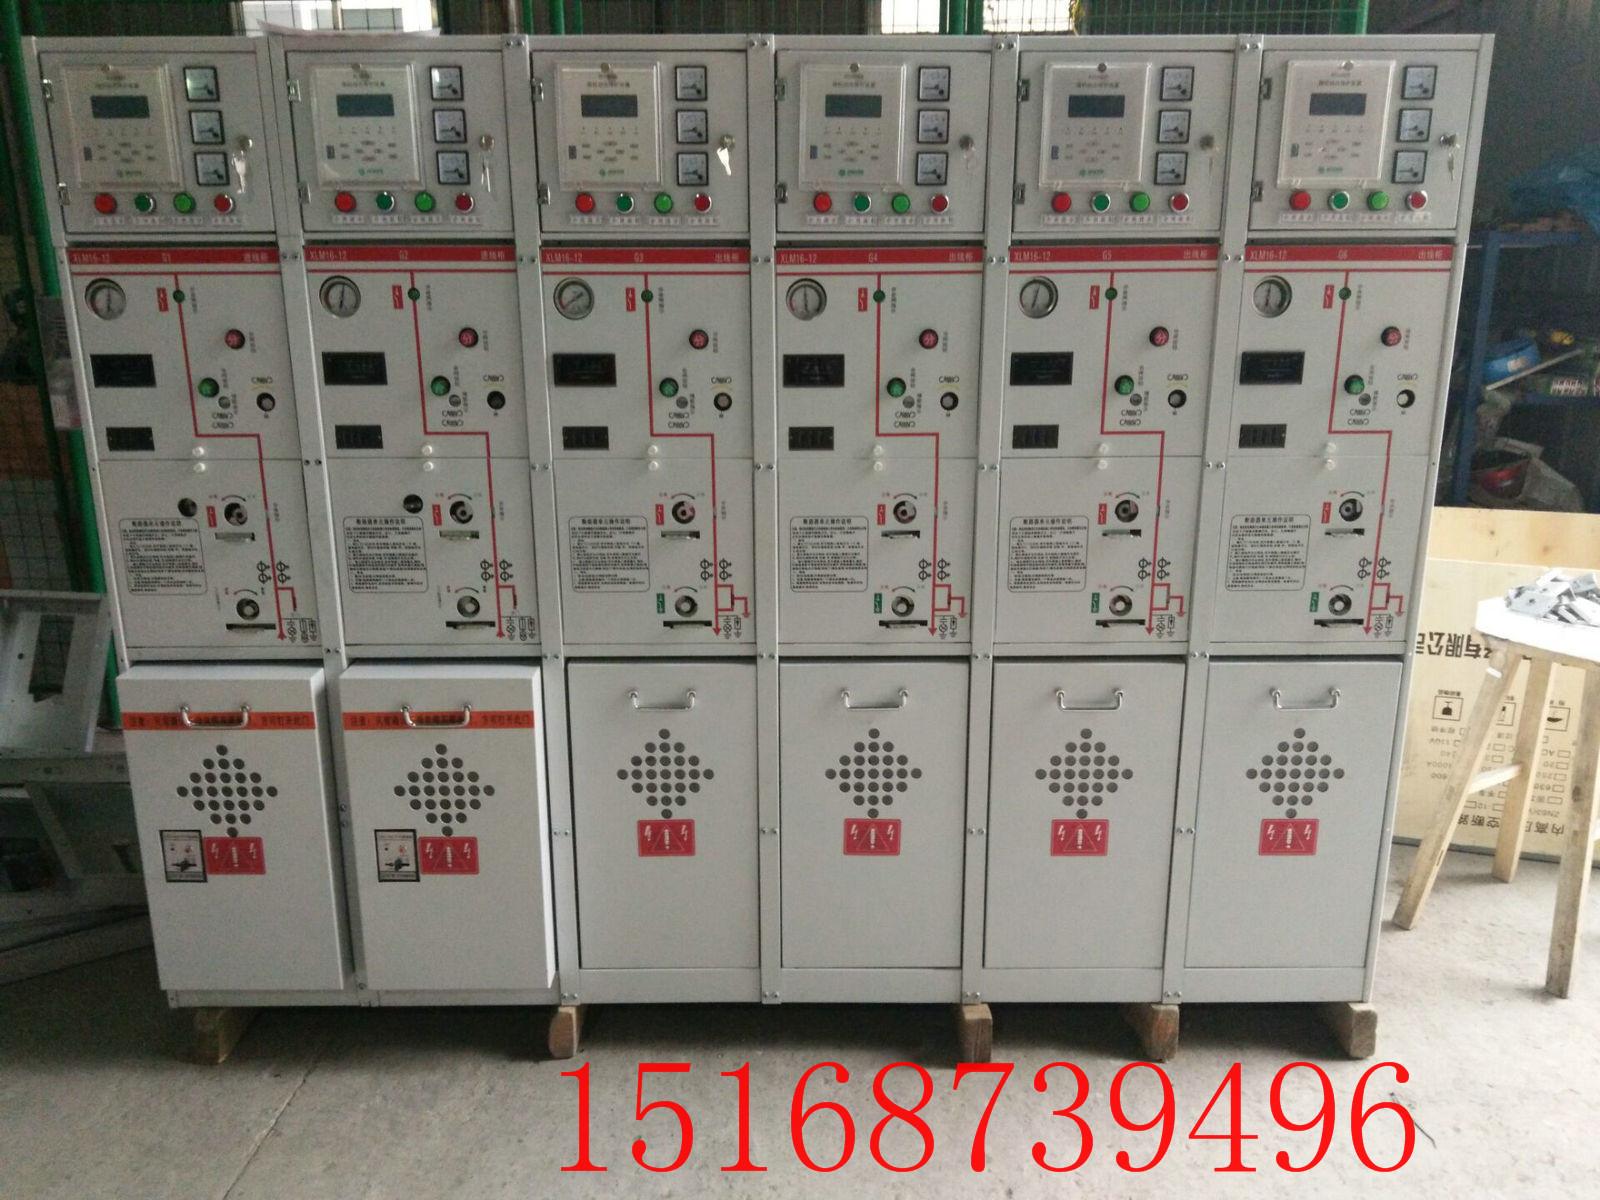 充气式环网柜 专业生产充气柜环网柜